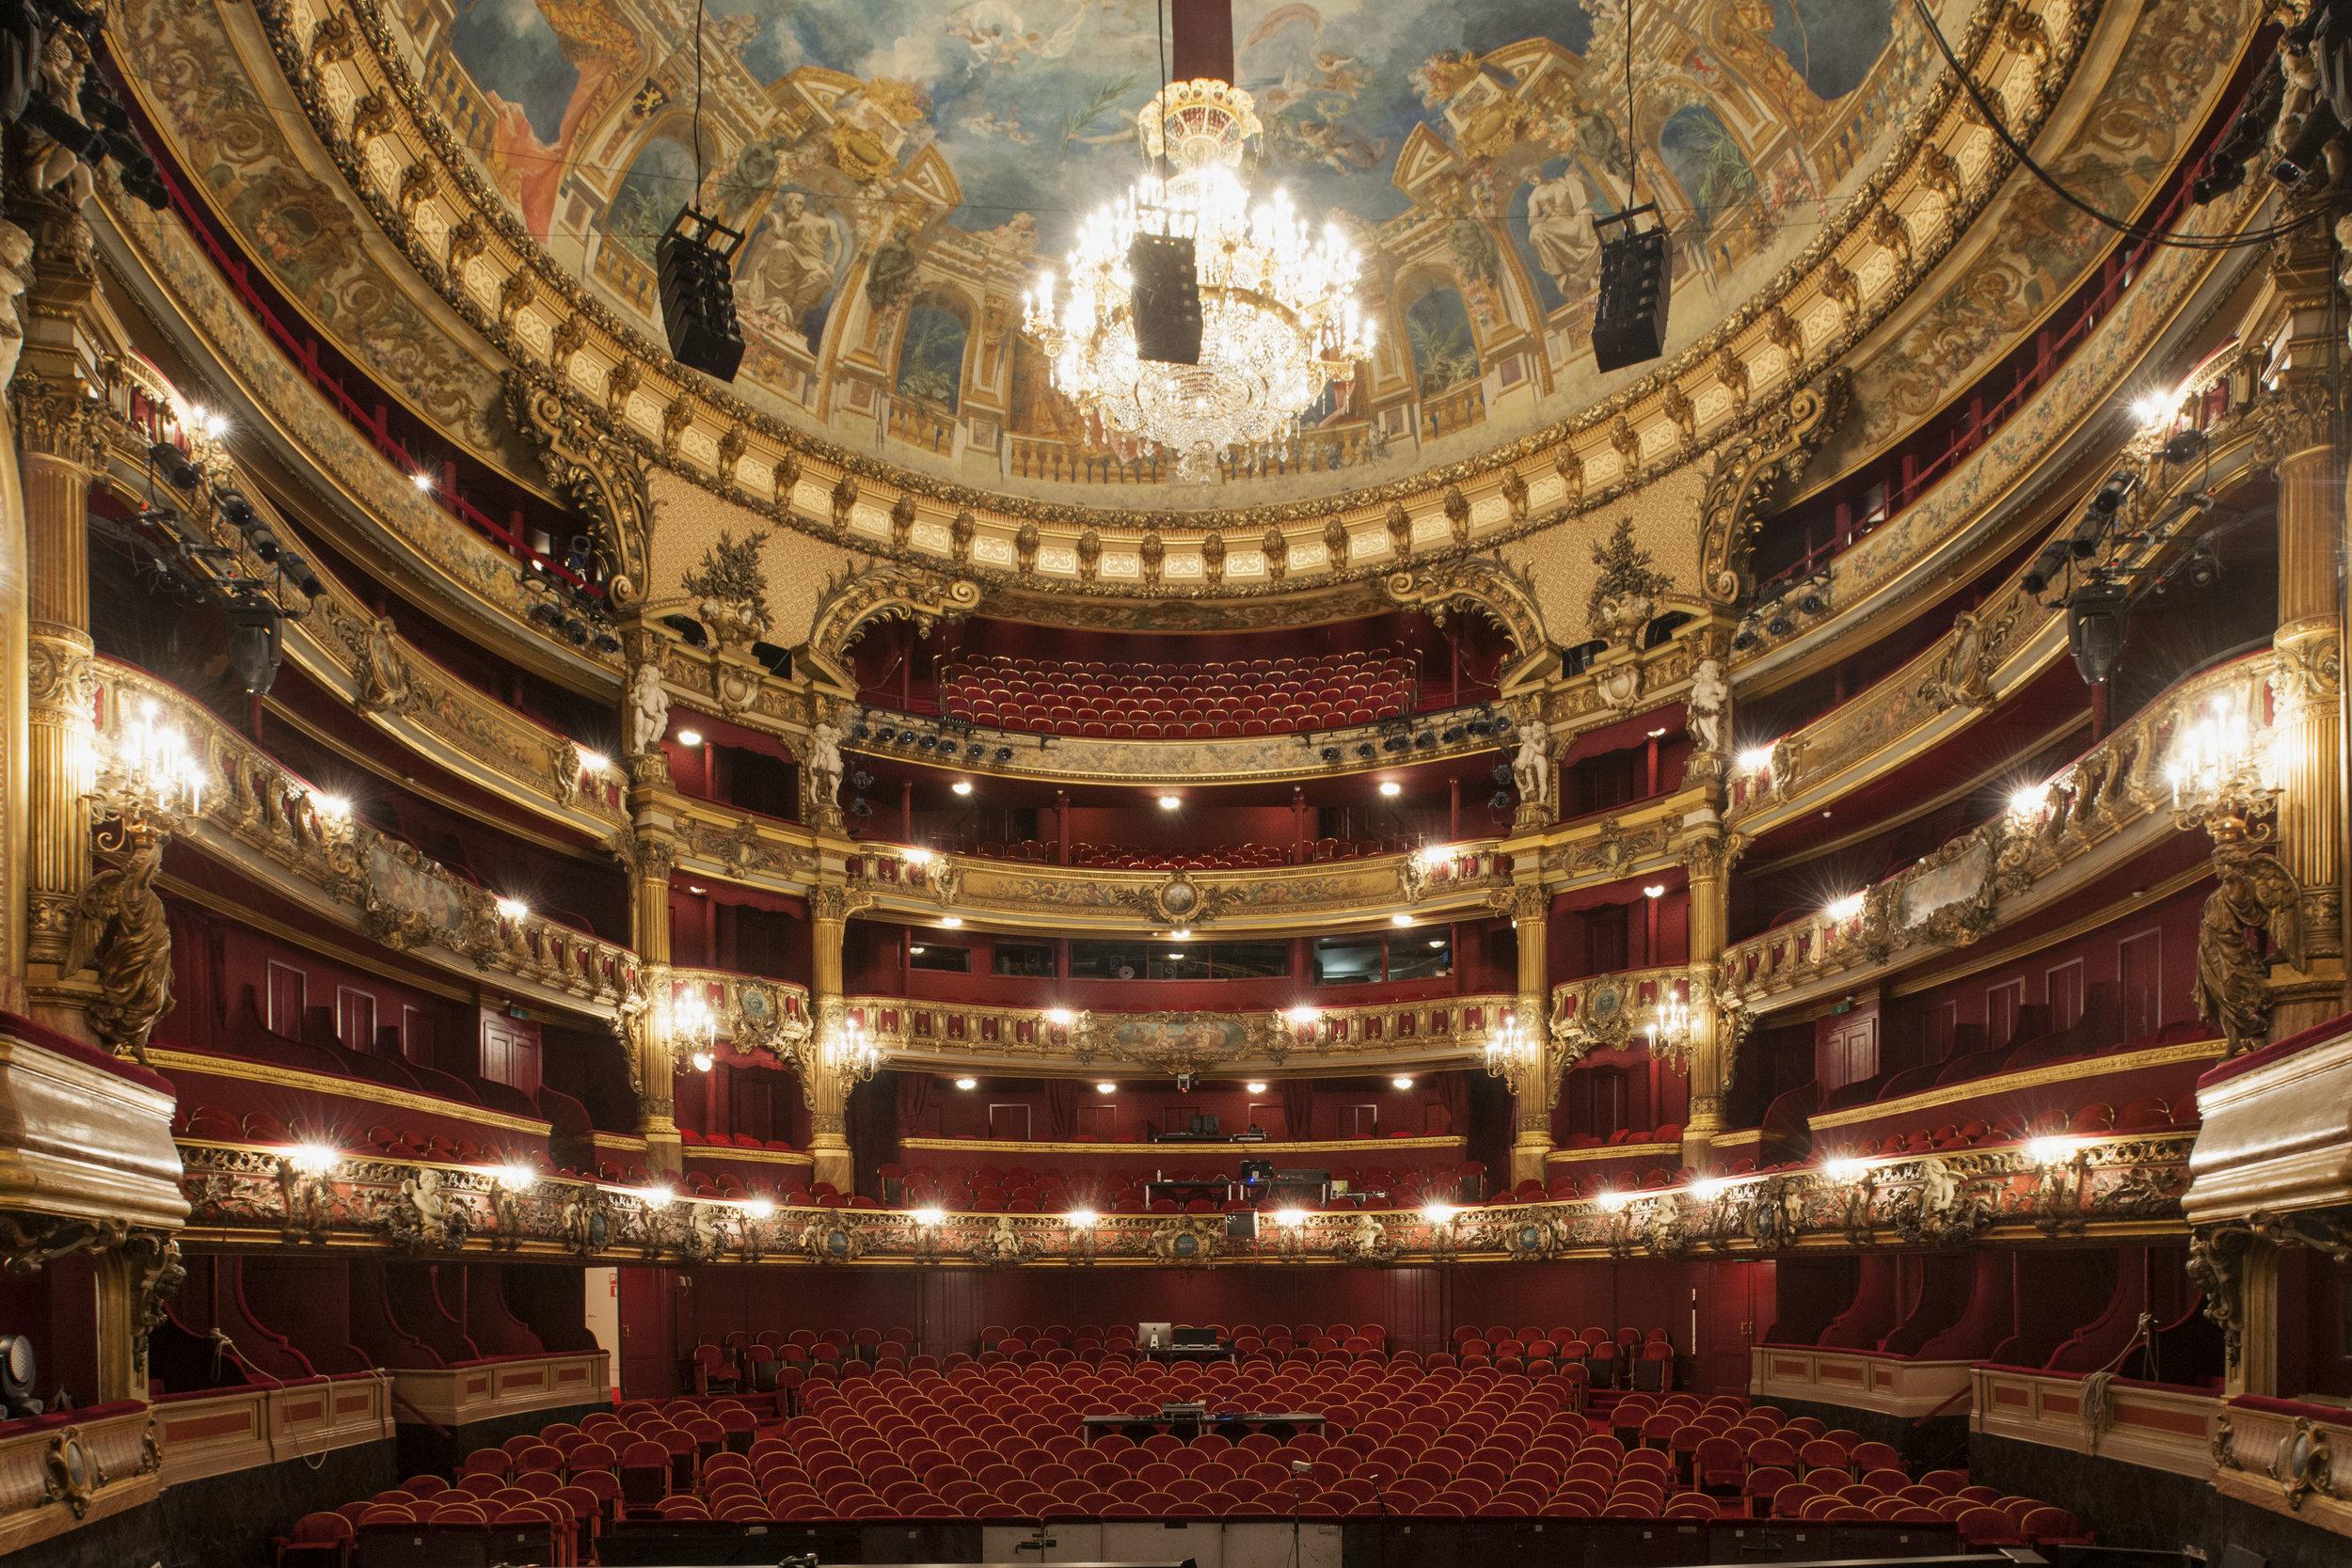 Théâtre Royal de la Monnaie; Brussels, Belgium